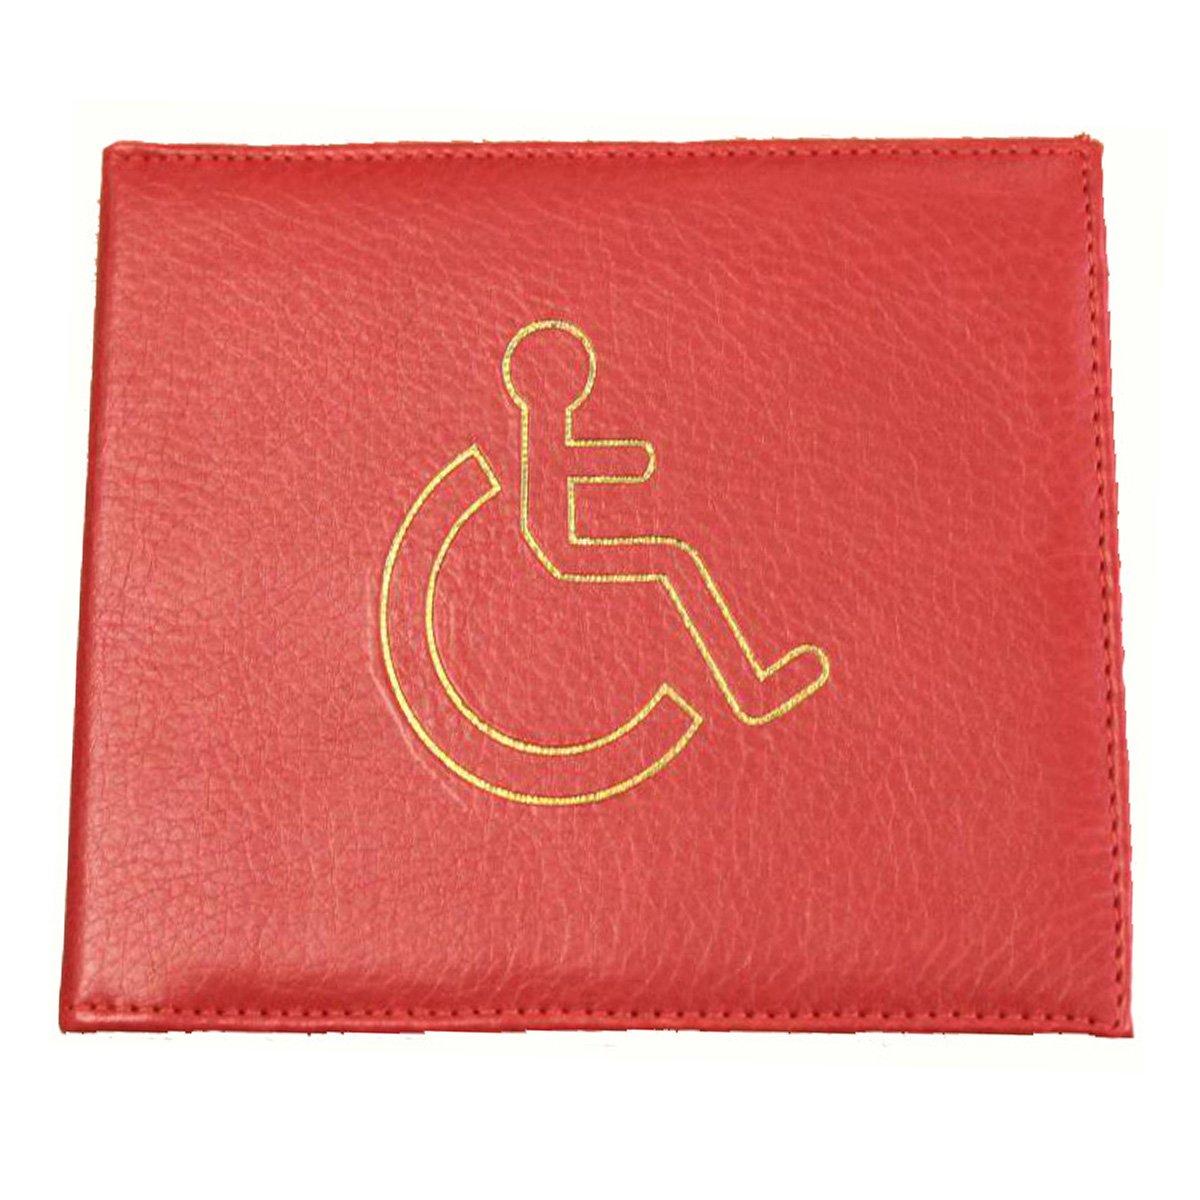 KABELBAUM - 5316_21 Halter für Behindertenausweis Phonedirectonline